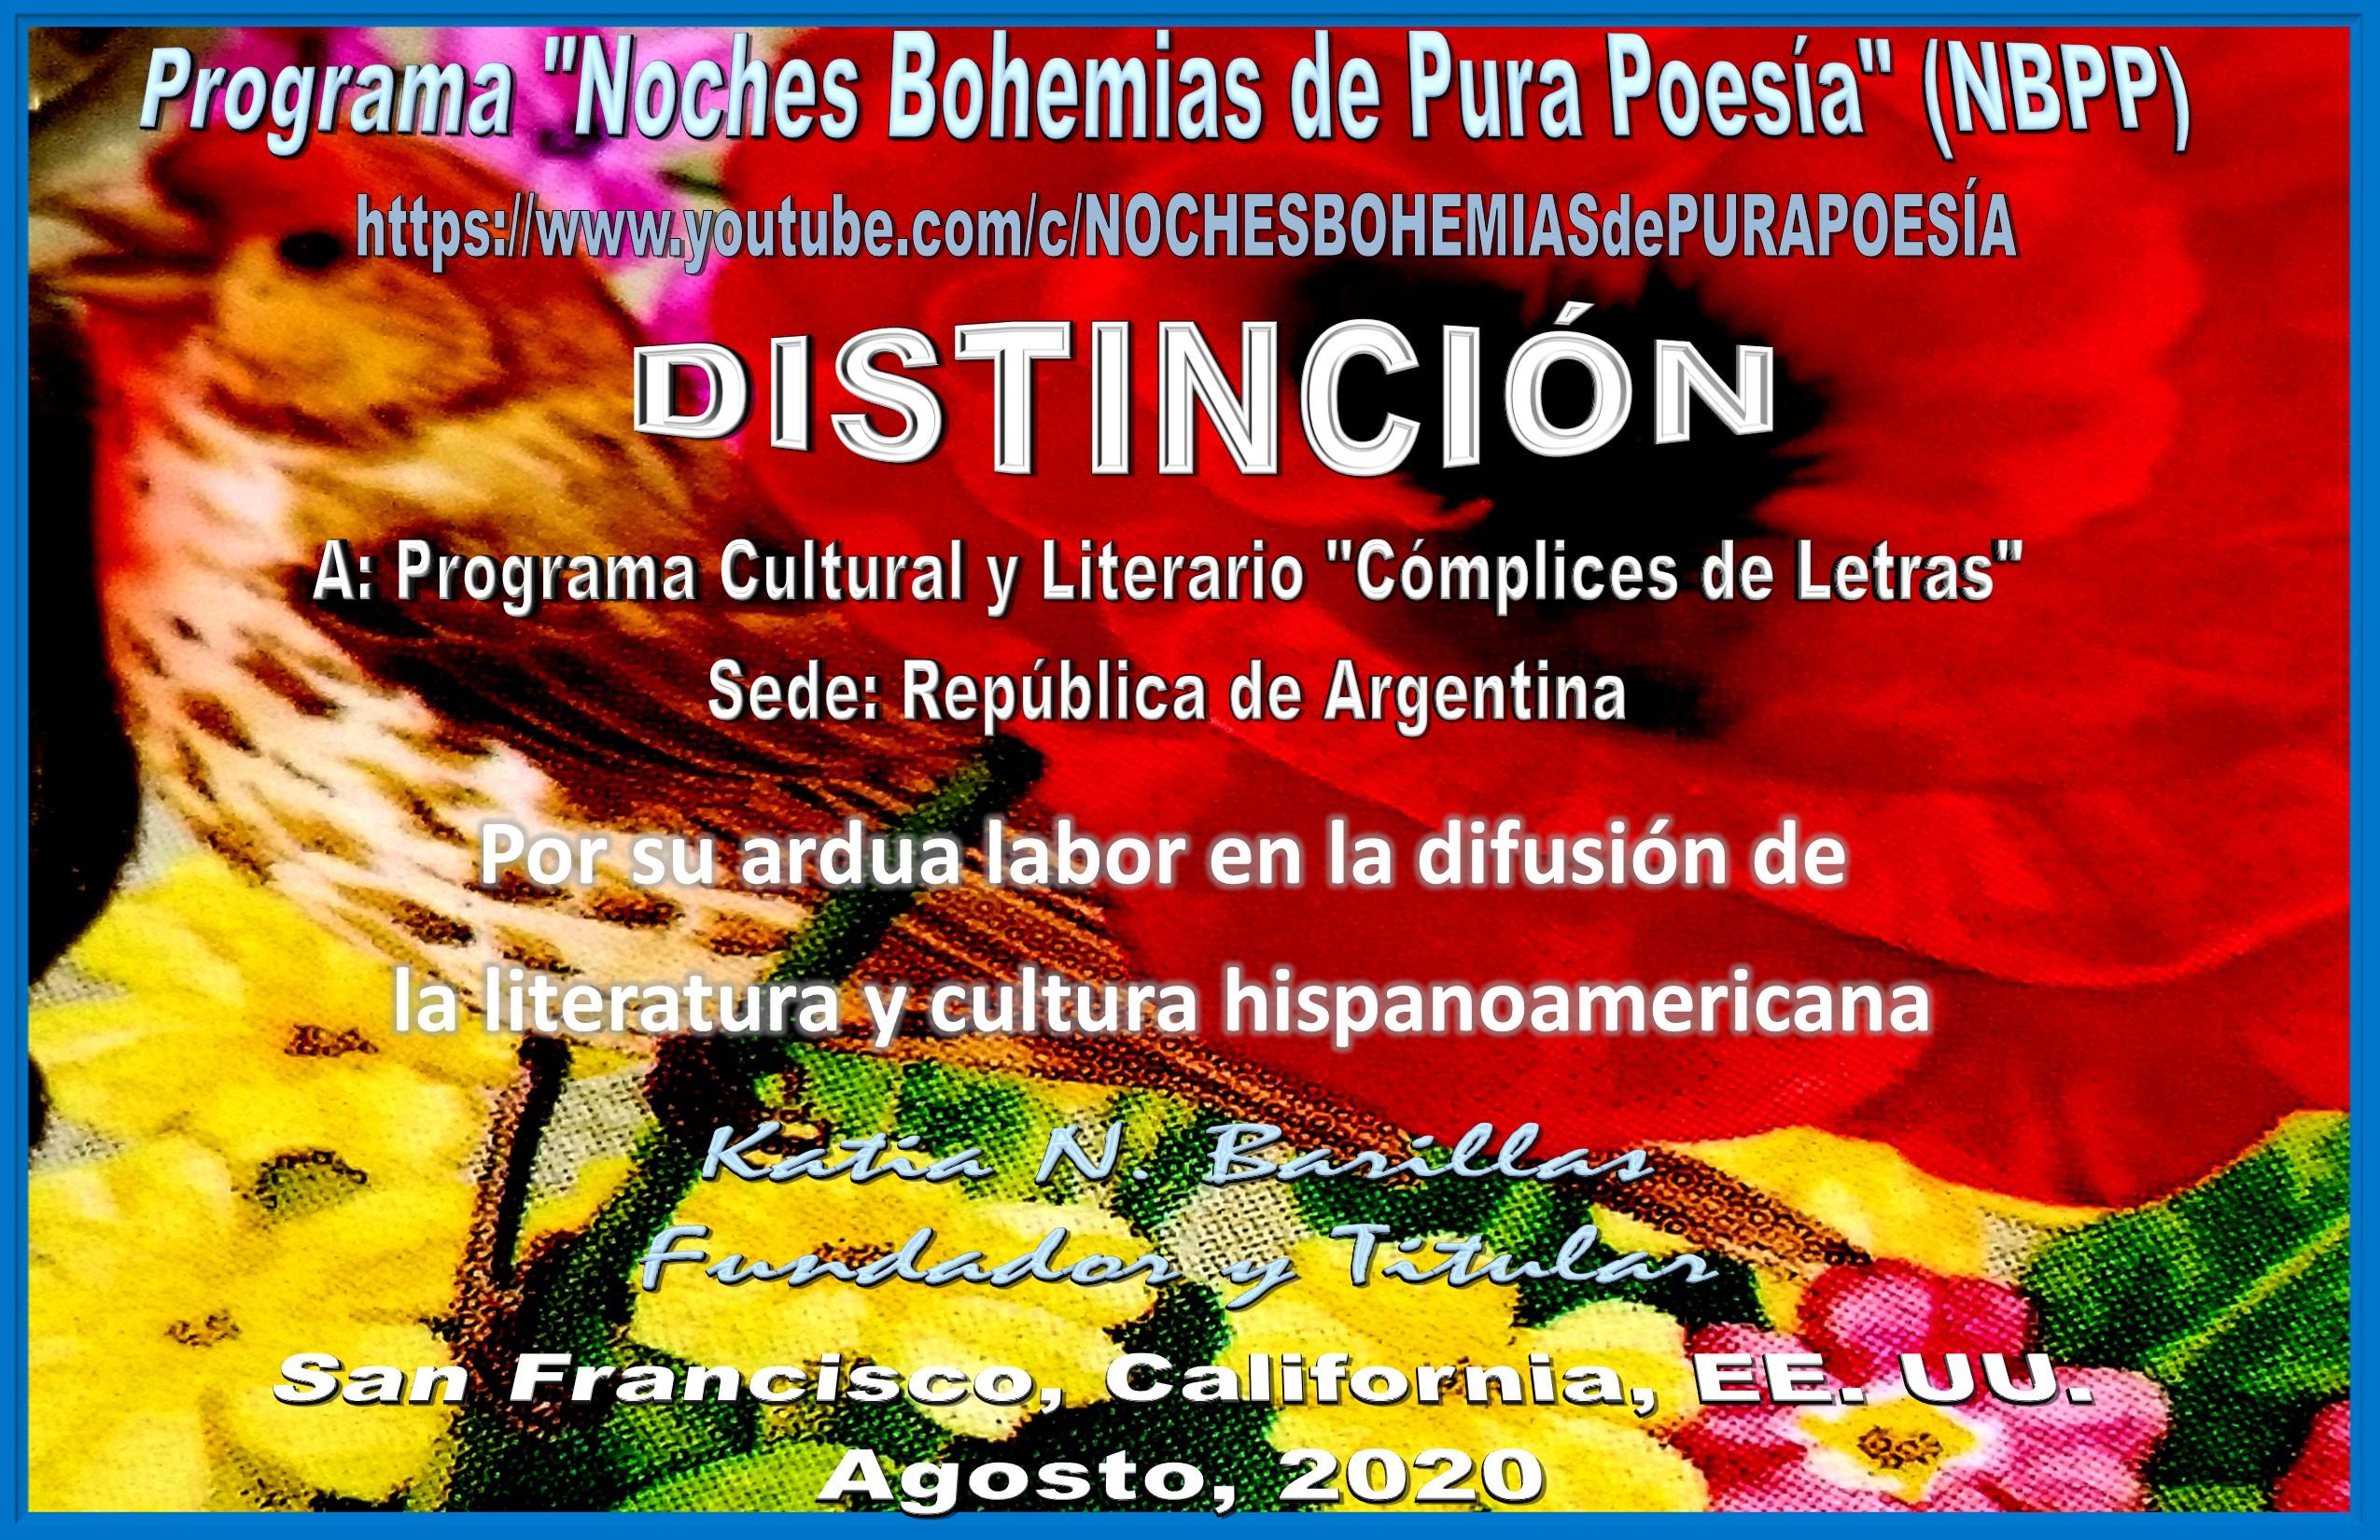 DISTINCIÓNnbppCÓMPLICES.jpg